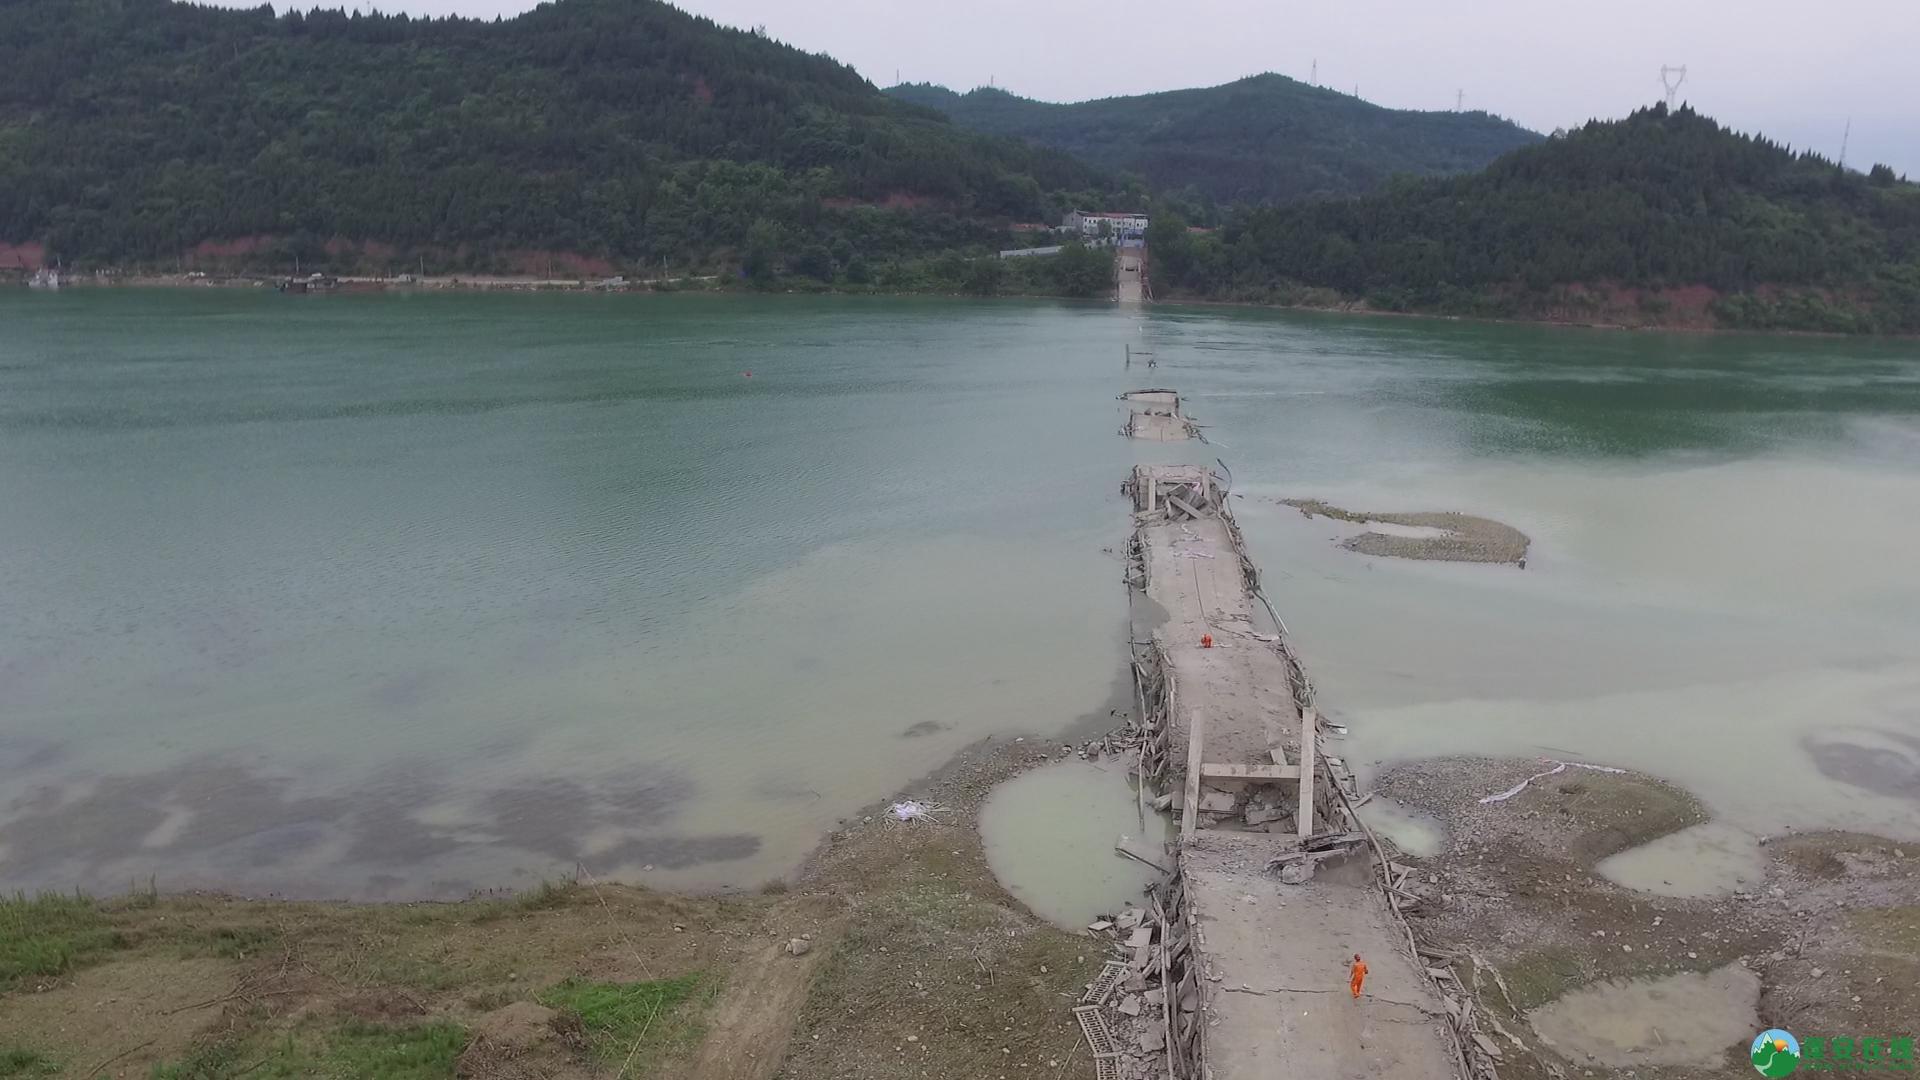 蓬安嘉陵江一桥成功爆破拆除 - 第14张  | 蓬安在线